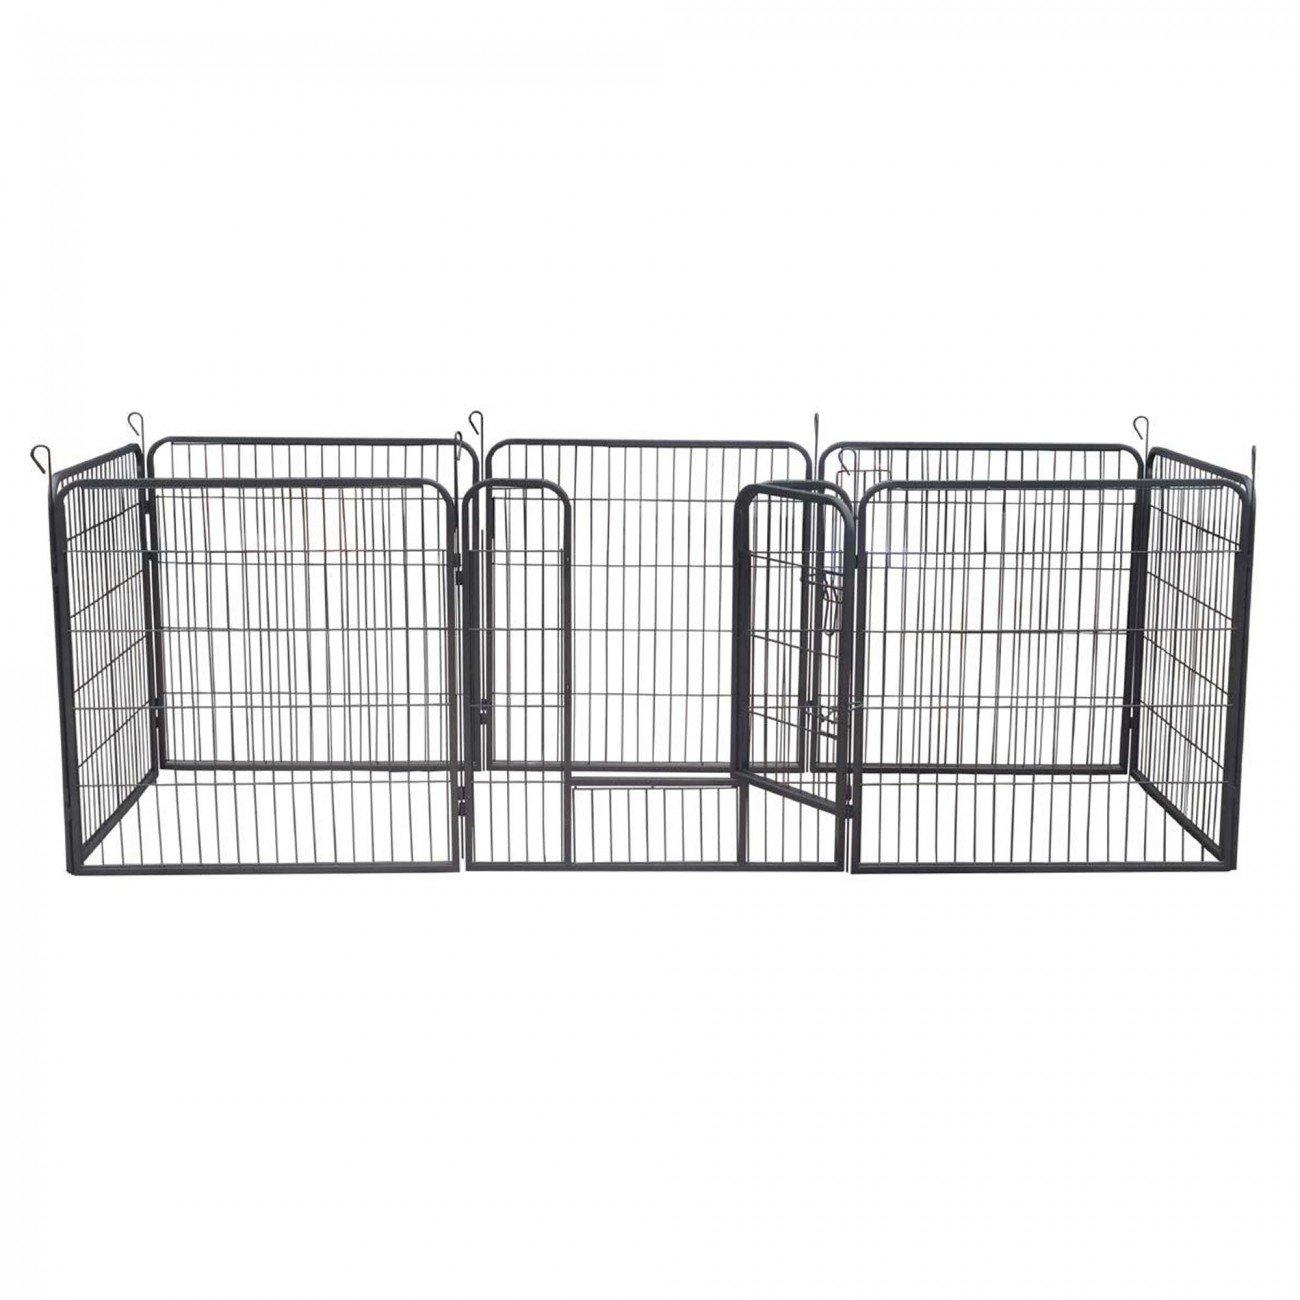 XXL 8 Pezzi zoomundo Recinto per Cani Recinzione Box Cani Conigli Animali di Ferro Cucciolo Gabbia